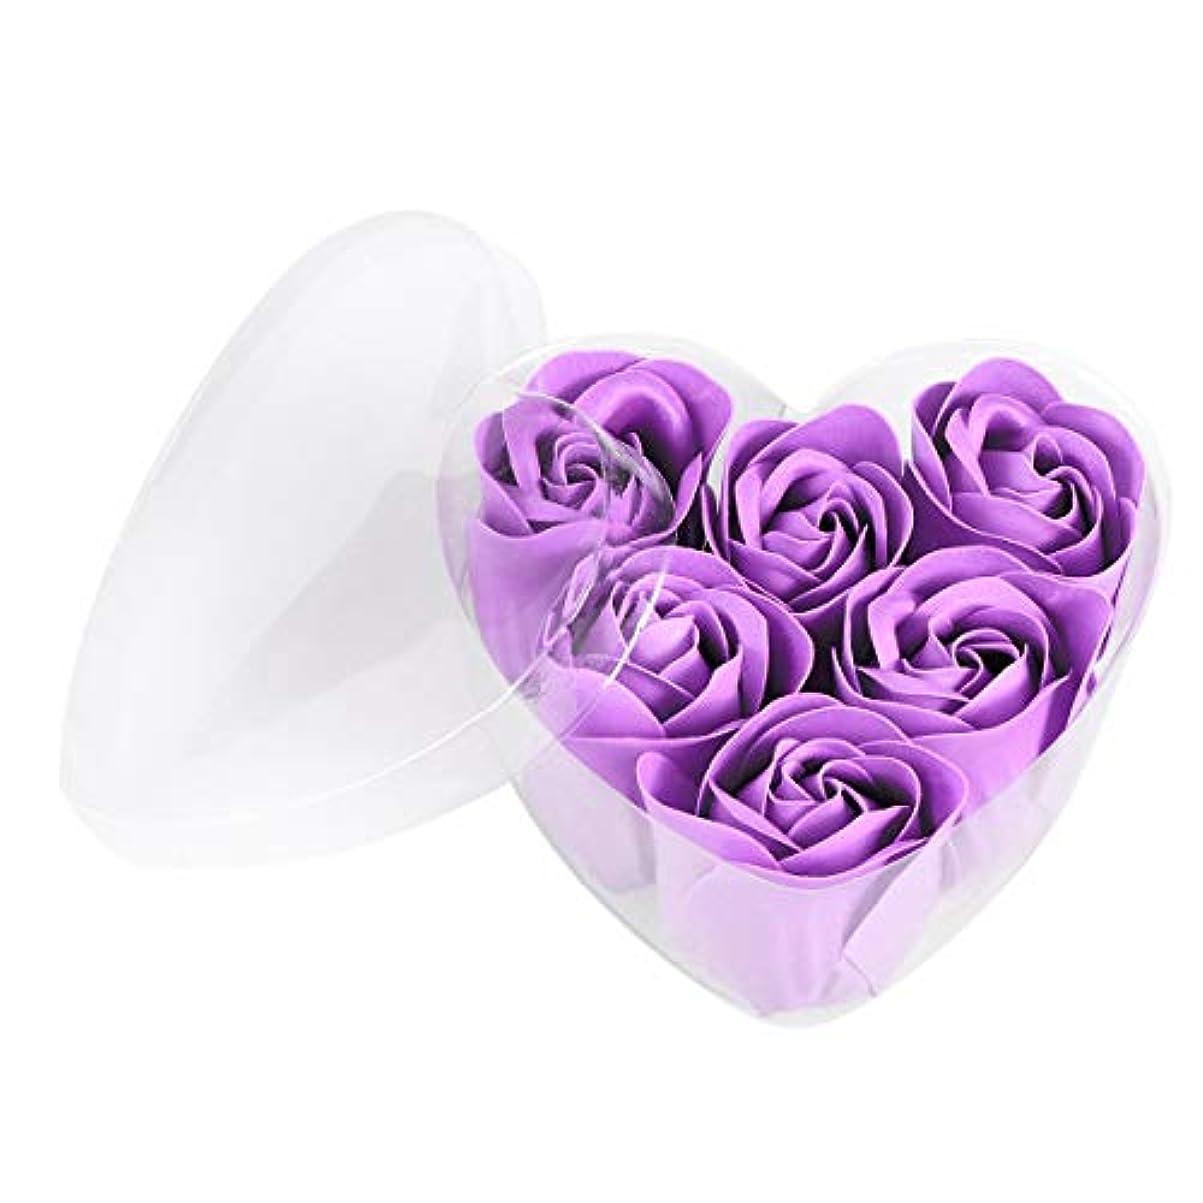 彼らのもの明快光のBeaupretty 6本シミュレーションローズソープハート型フラワーソープギフトボックス結婚式の誕生日Valentin's Day(紫)